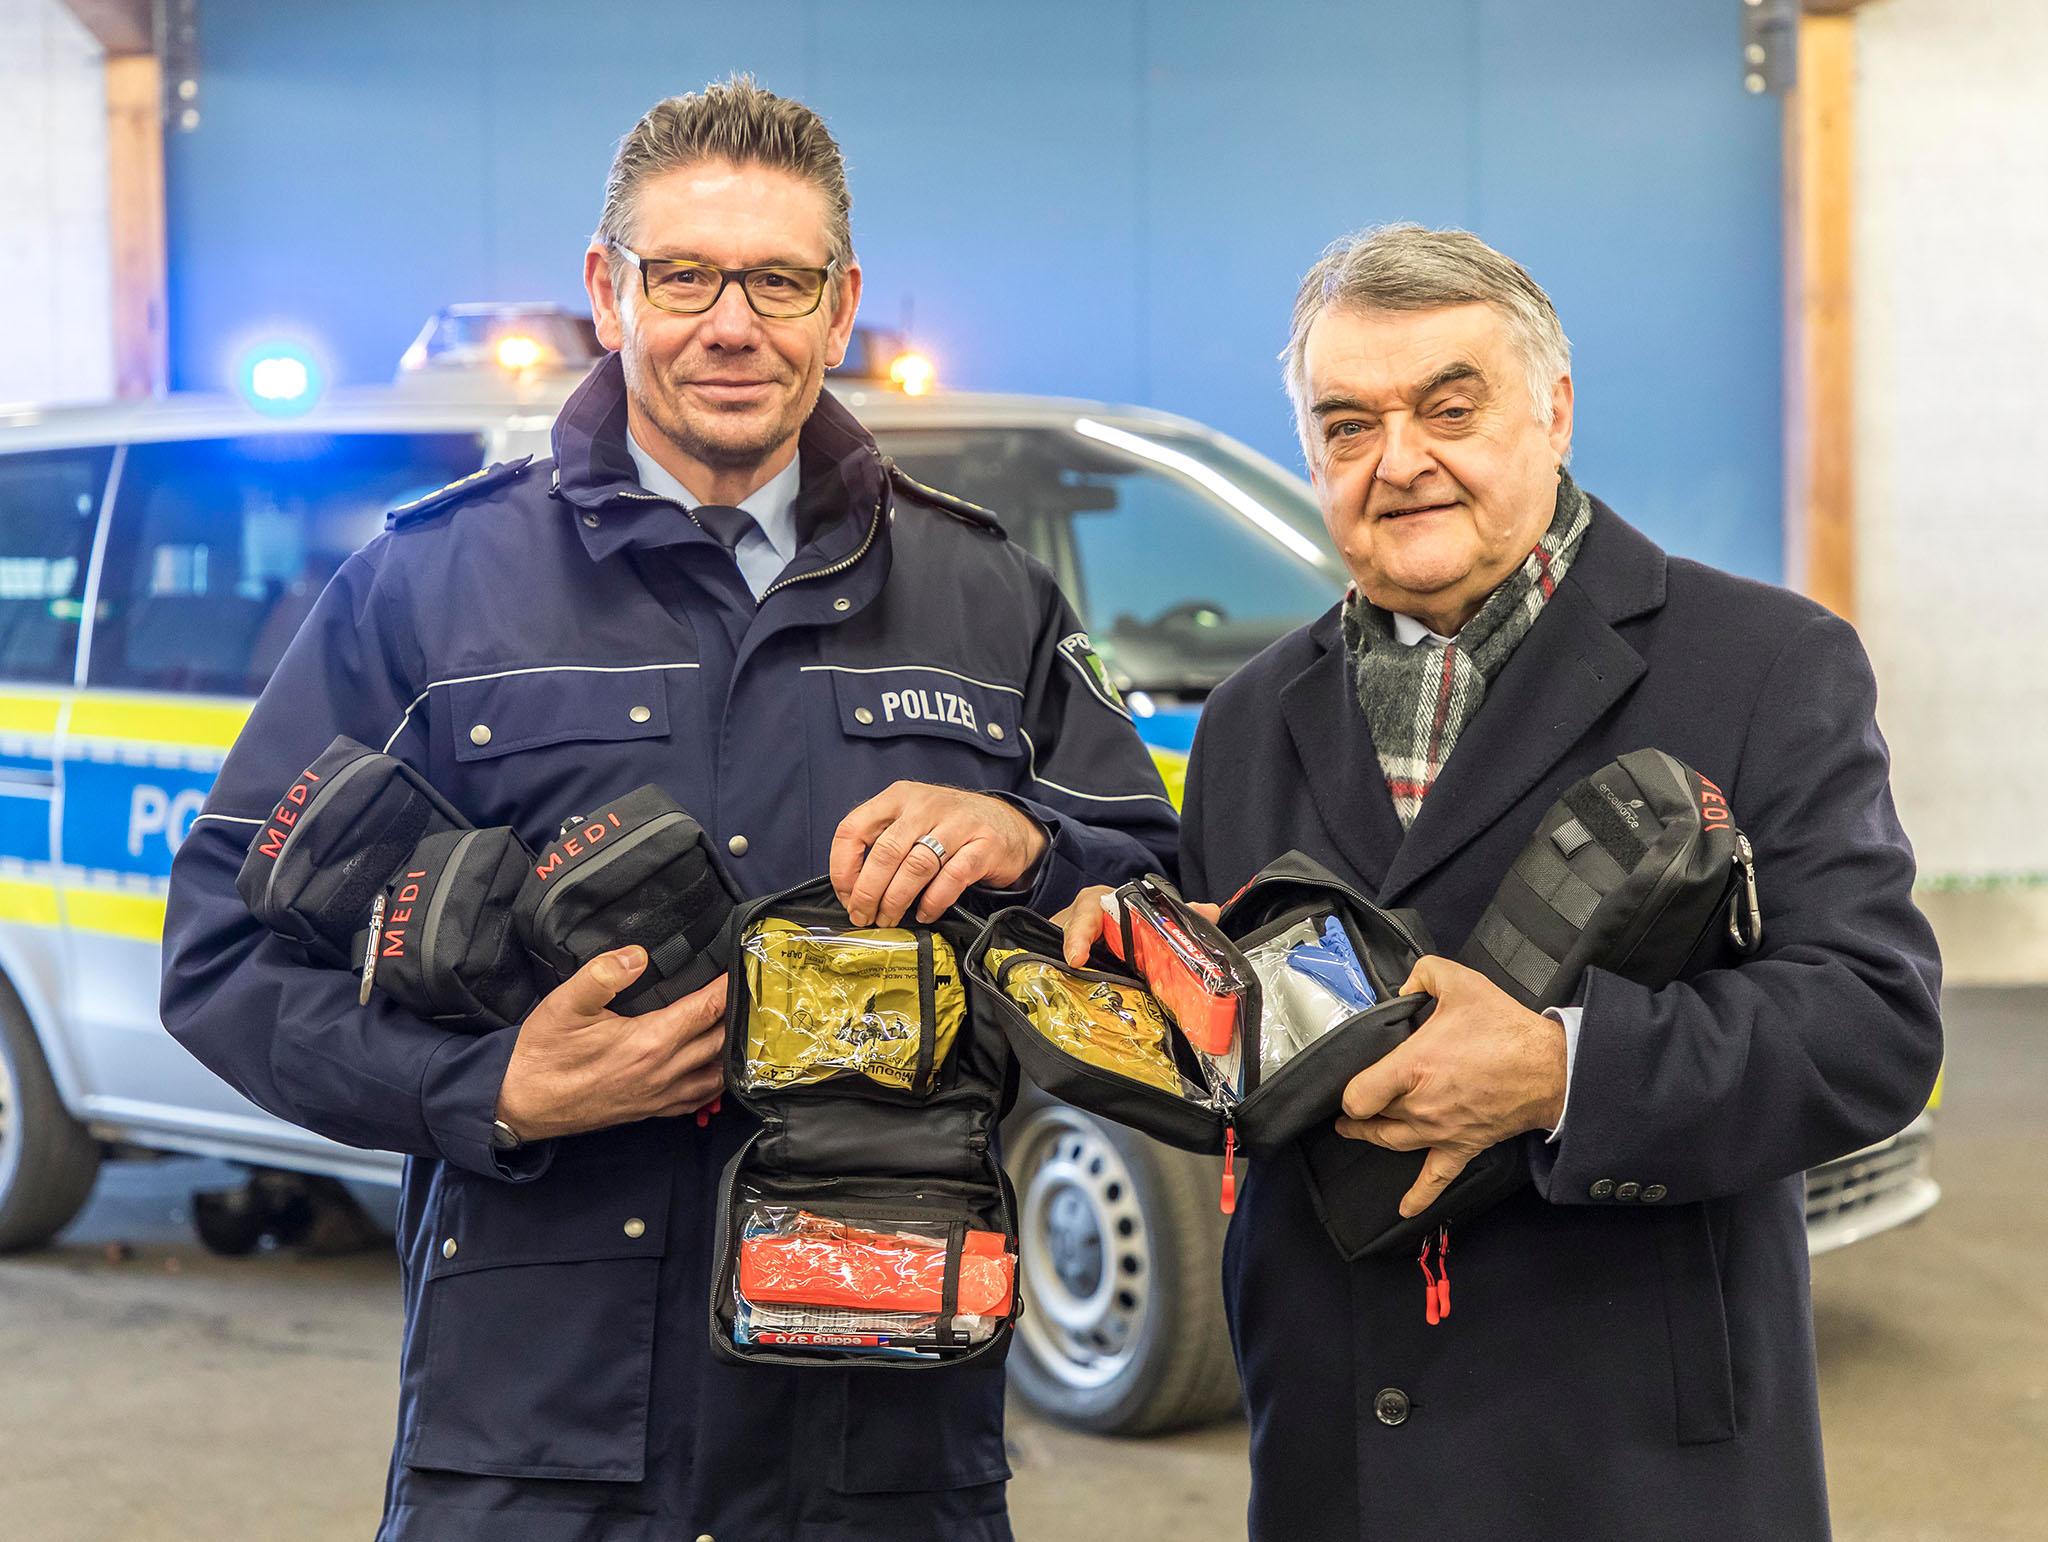 medipack bergabe in dsseldorf foto jochen tack - Polizei Nrw Bewerbung